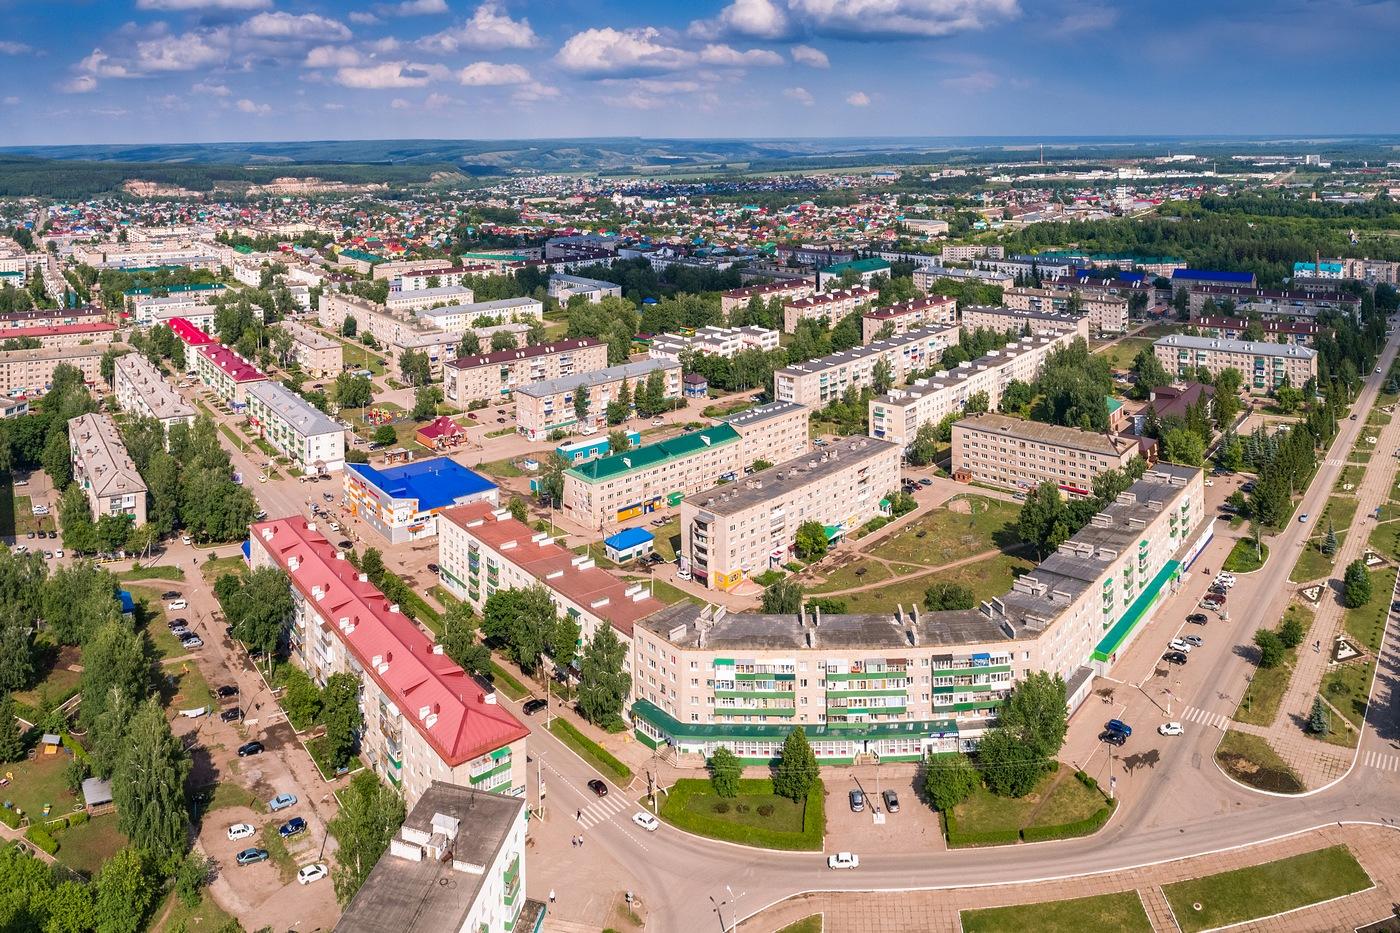 Белебей с высоты. город как на ладони,фото,аэрофото,аэрофотосъемка,высота,захватывающие картинки города,квадрокоптер,Башкирия,красивые фотографии с высоты,все о городе,Белебей,dji